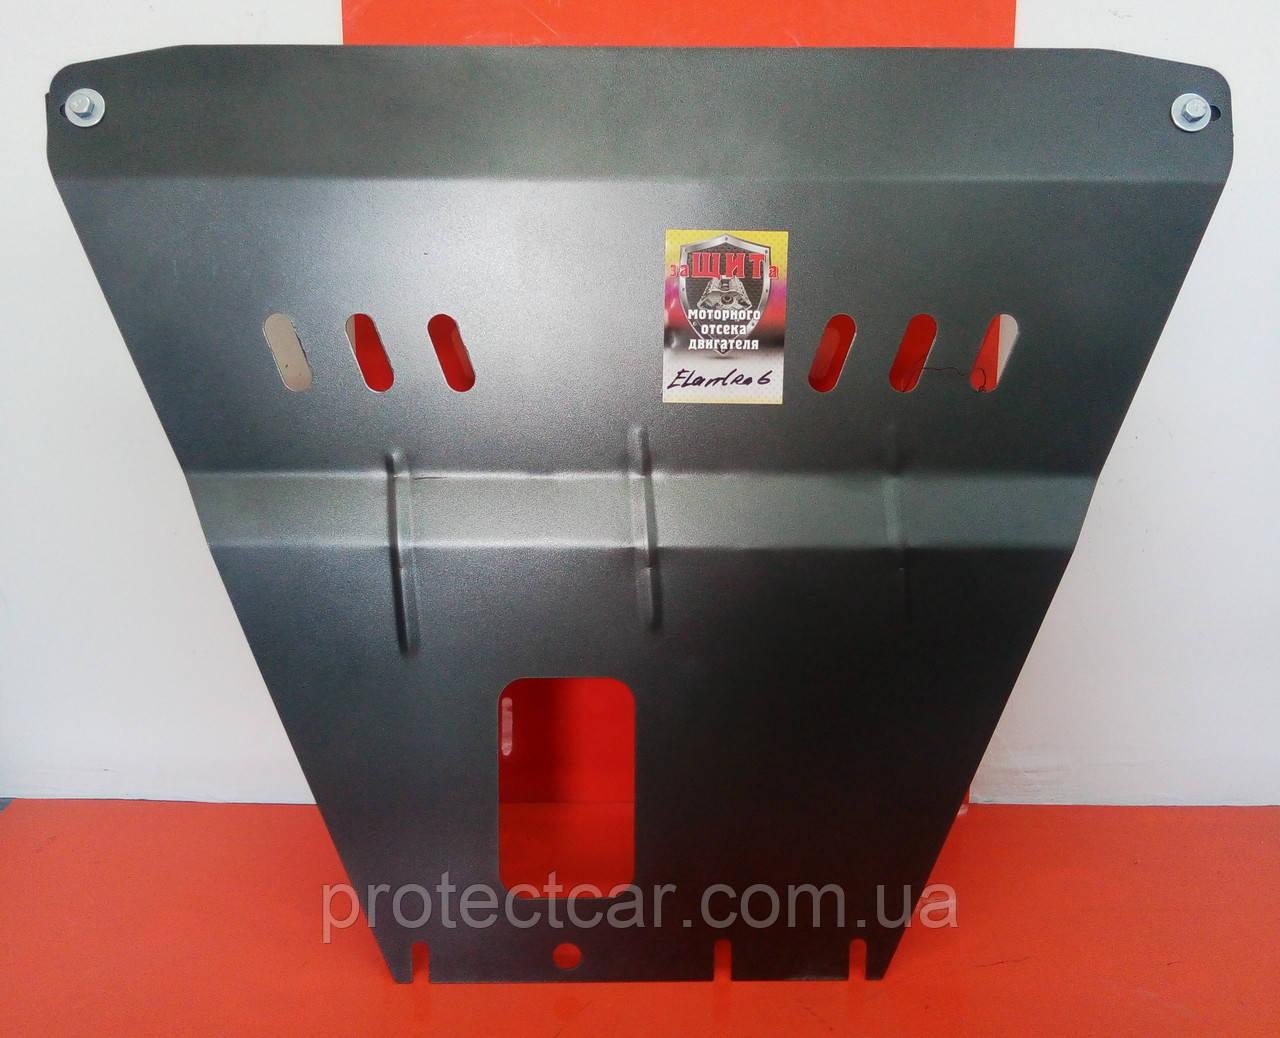 Защита двигателя Elantra 6 (с 20015 г.в.)